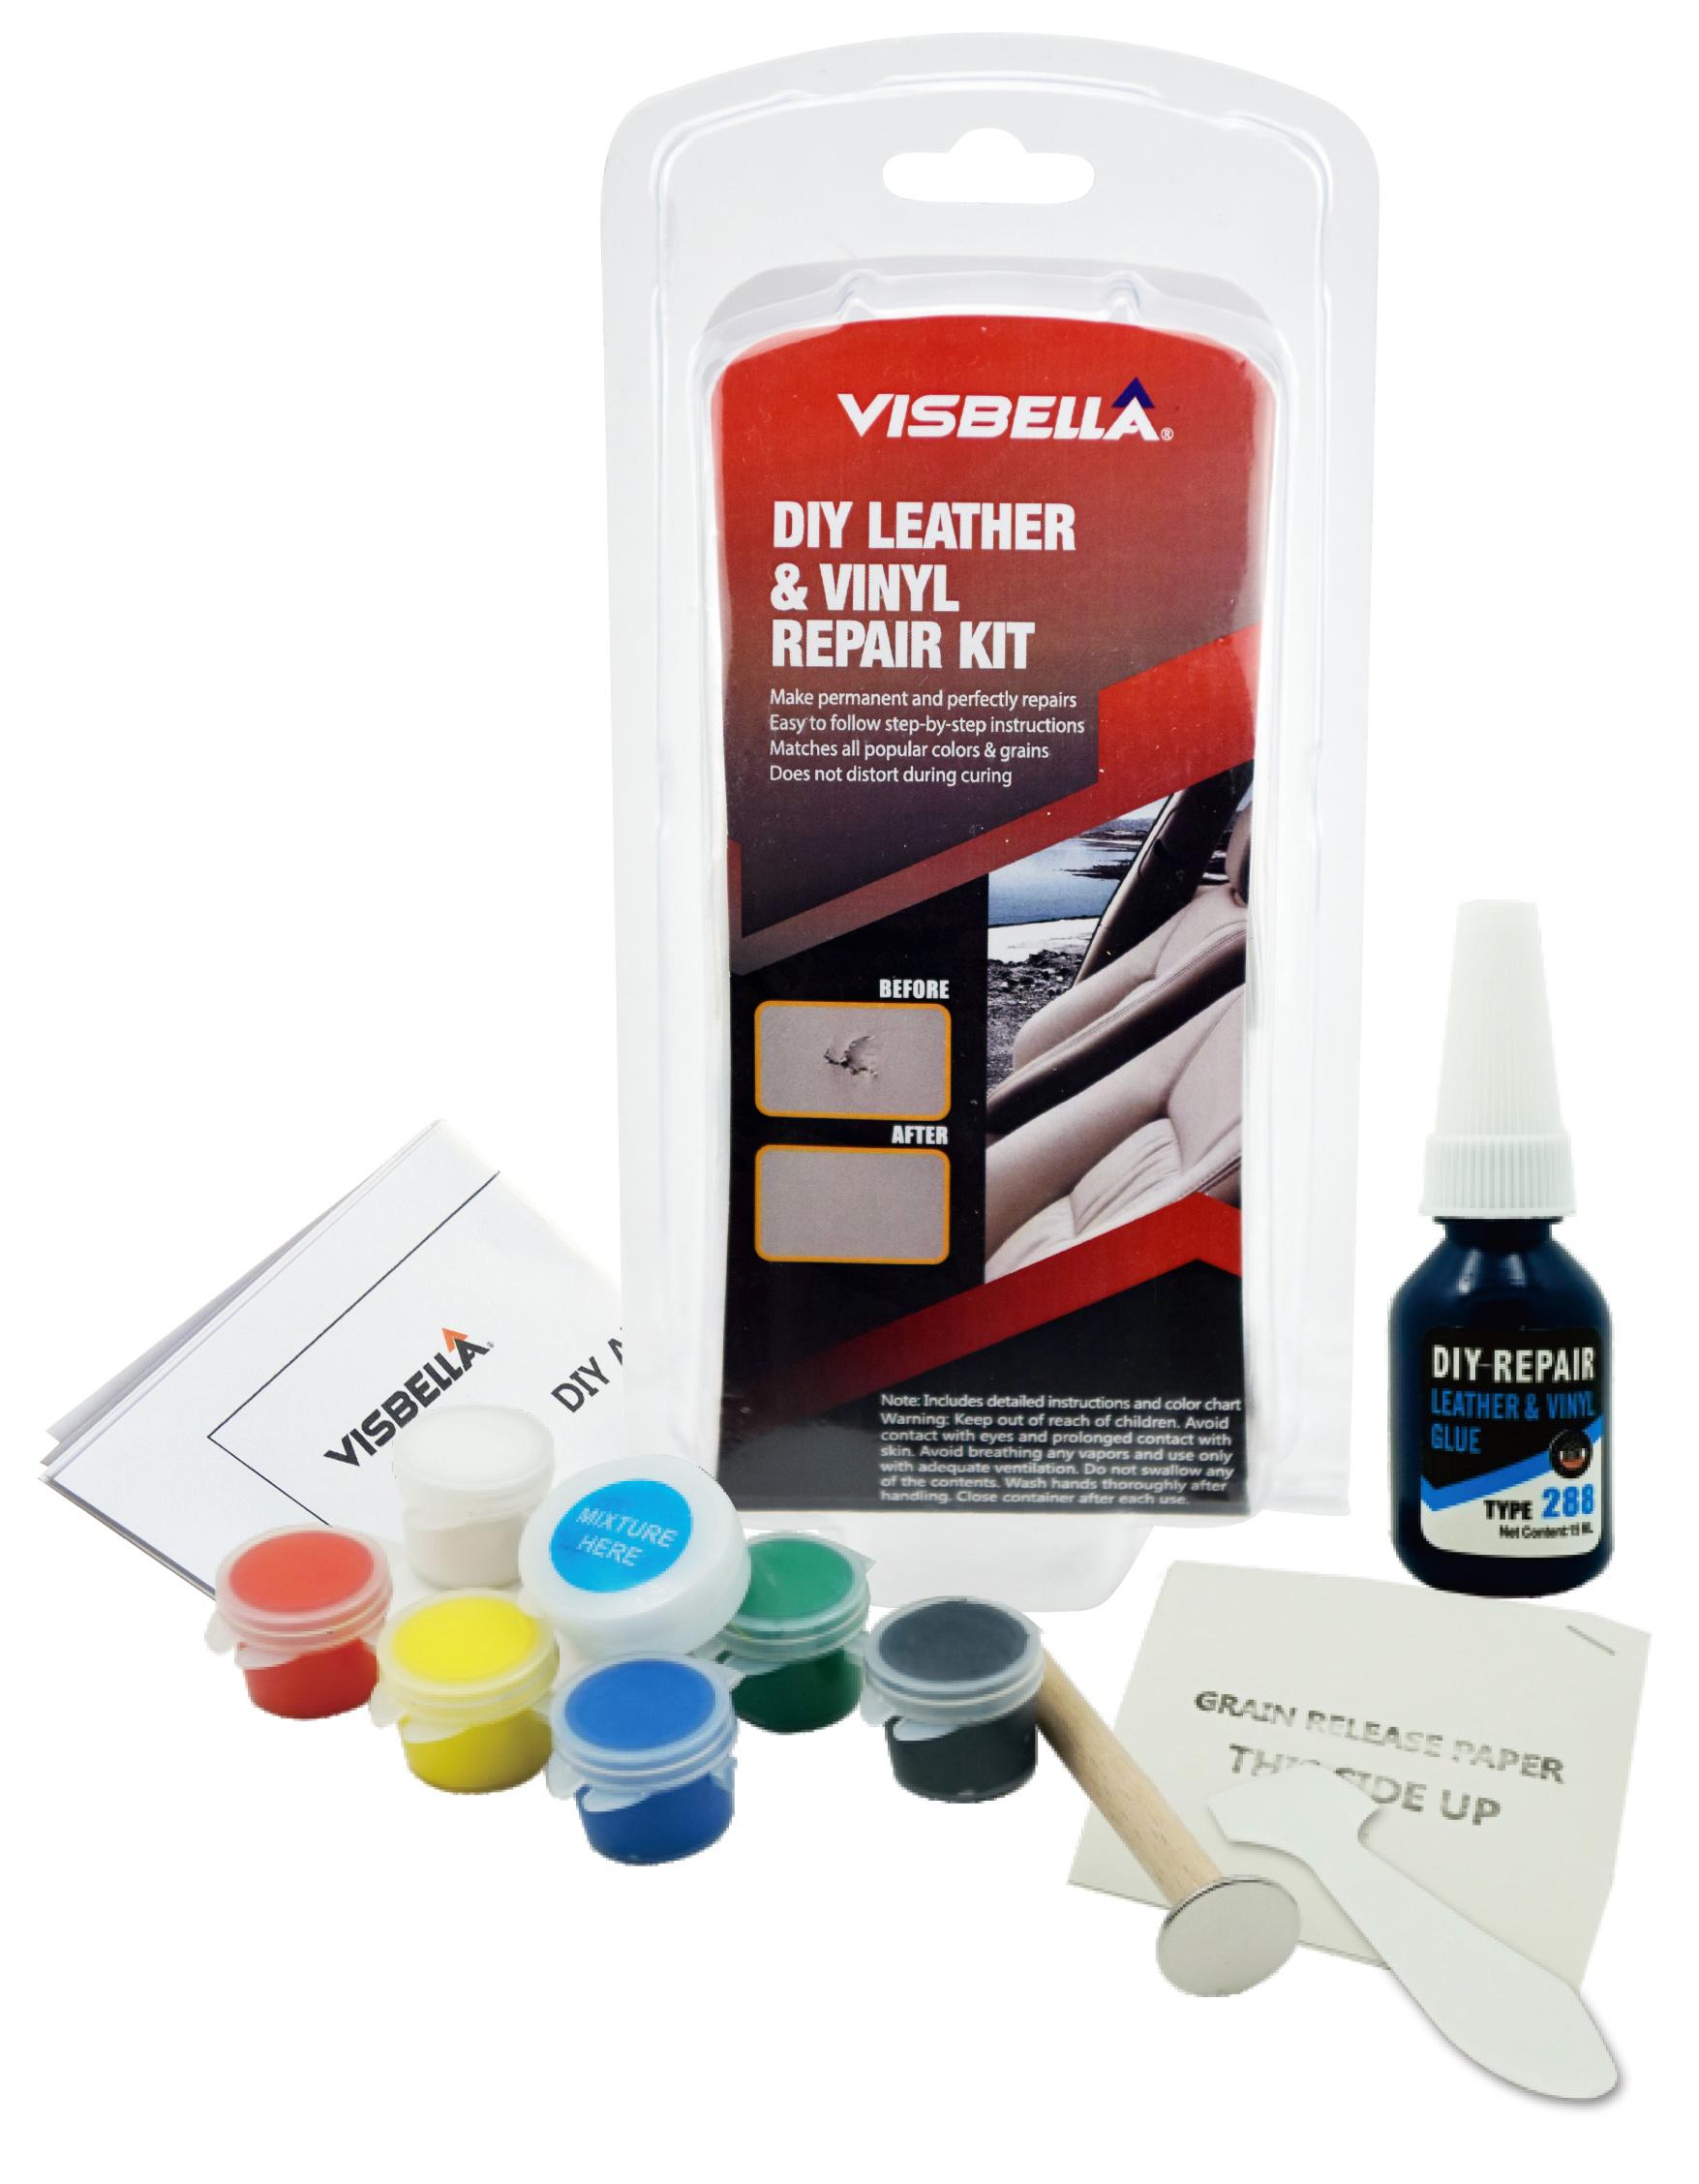 diy sofa repair tufted leather modern visbella natuzzi kit buy